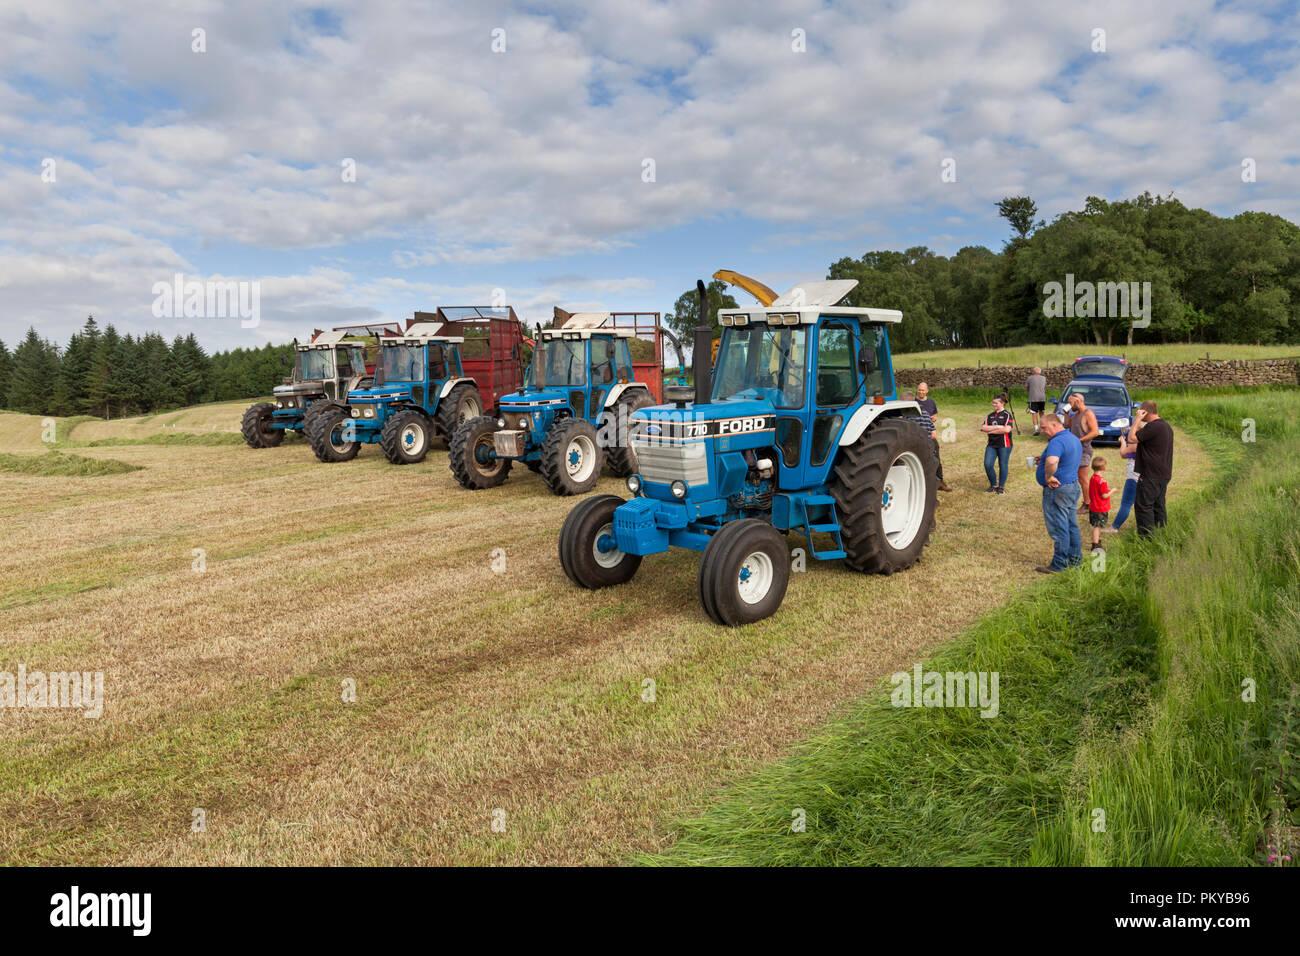 Línea de vintage tractores Ford de la serie 10 que se utiliza para recoger el ensilaje en una granja lechera en Inglaterra de izquierda a derecha el Jubileo de Plata de 7810, 7810, 6810, 7710 Imagen De Stock